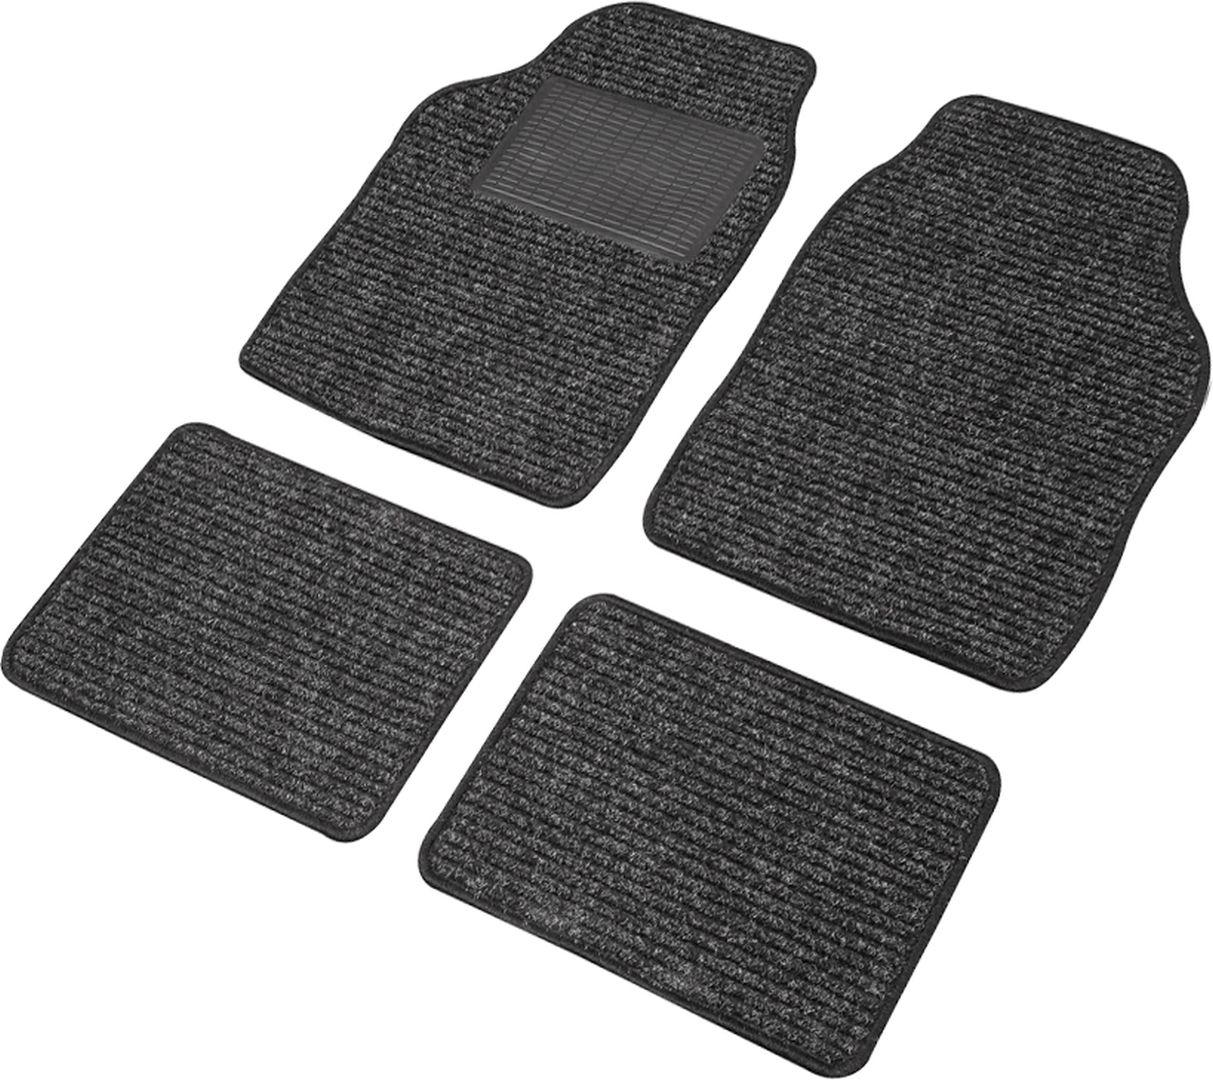 immer sch n auf dem teppich bleiben deine automeile im netz. Black Bedroom Furniture Sets. Home Design Ideas